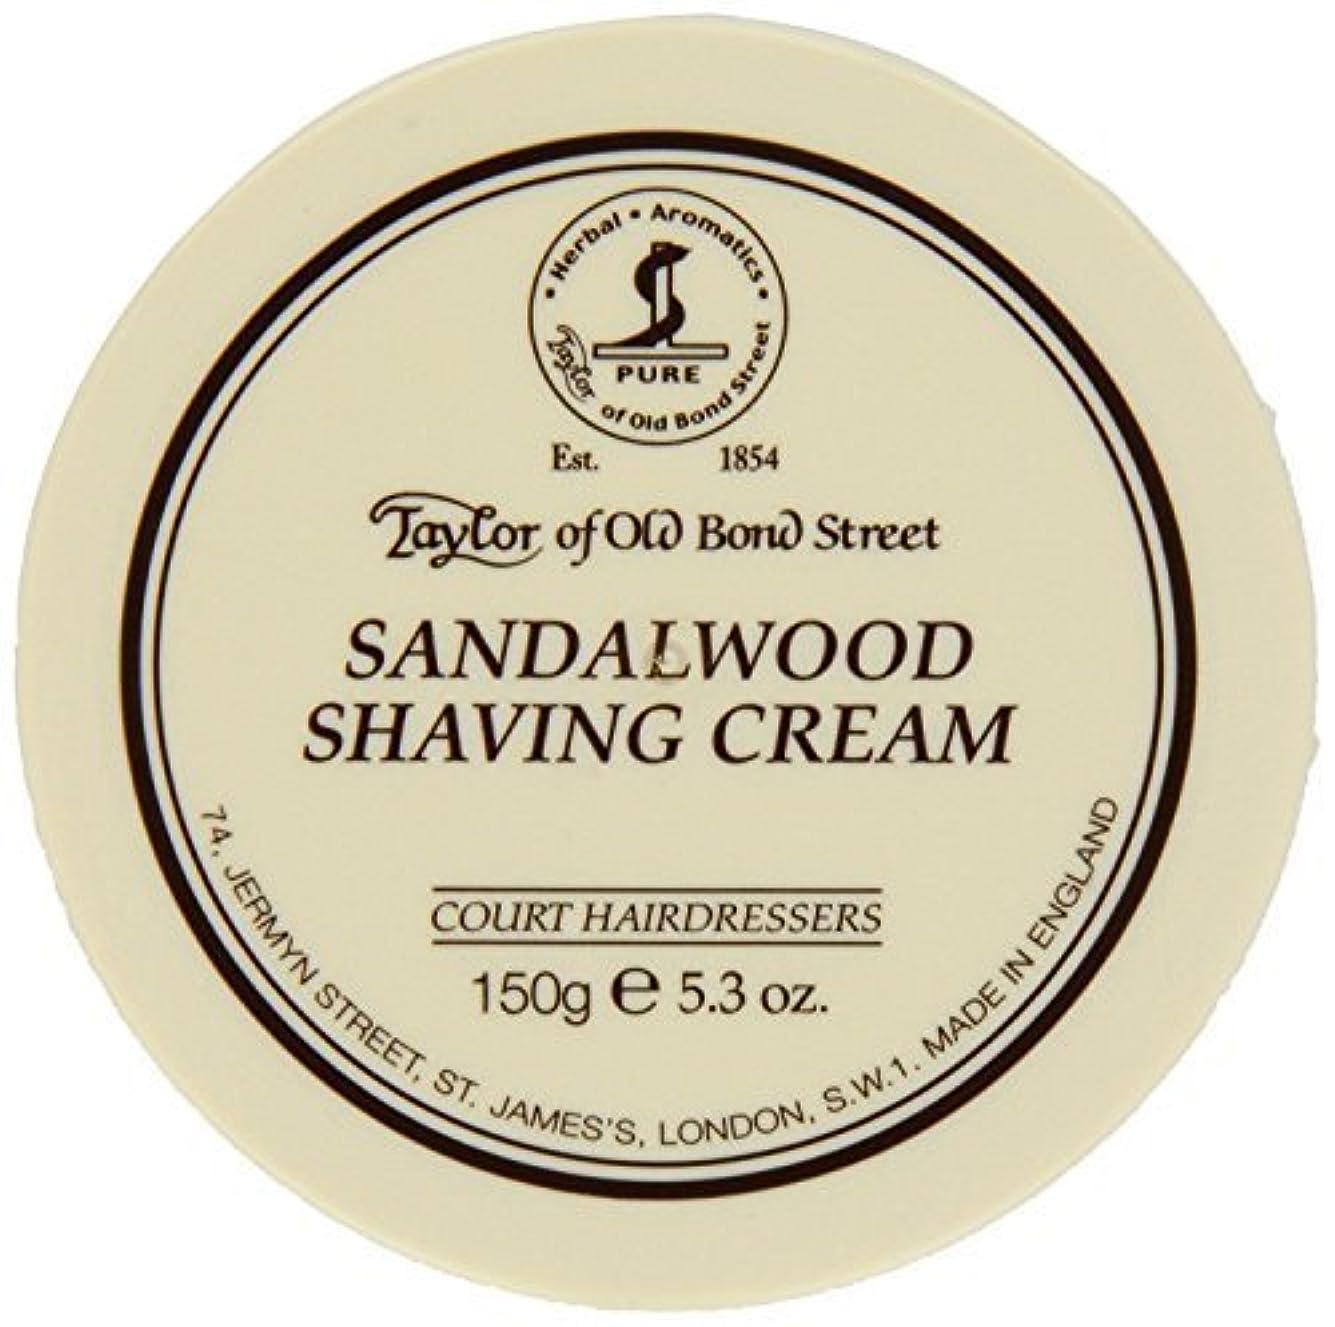 語候補者始めるTaylor of Old Bond Street SHAVING CREAM for SANDALWOOD 150g x 2 Bowls by Taylor of Old Bond Street [並行輸入品]